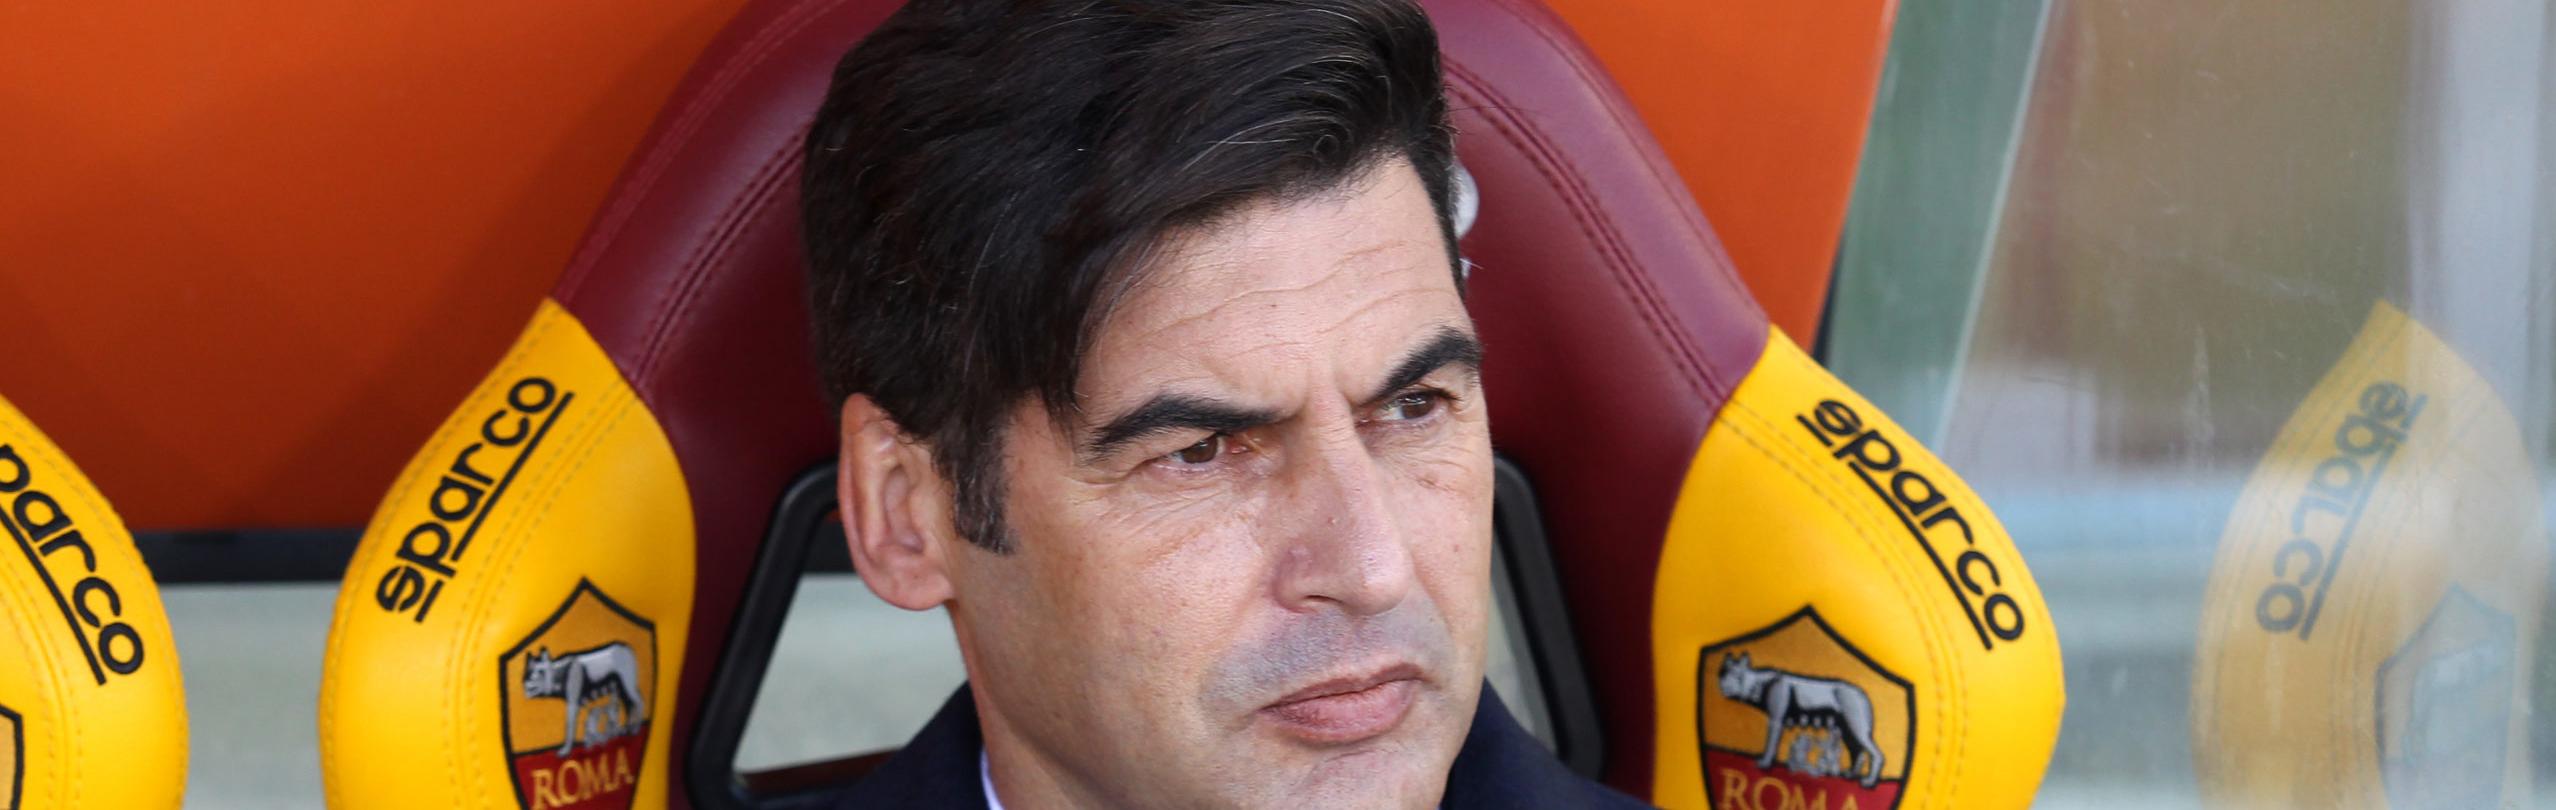 Braga-Roma: Fonseca pensa al turnover, ma in difesa ha gli uomini contati